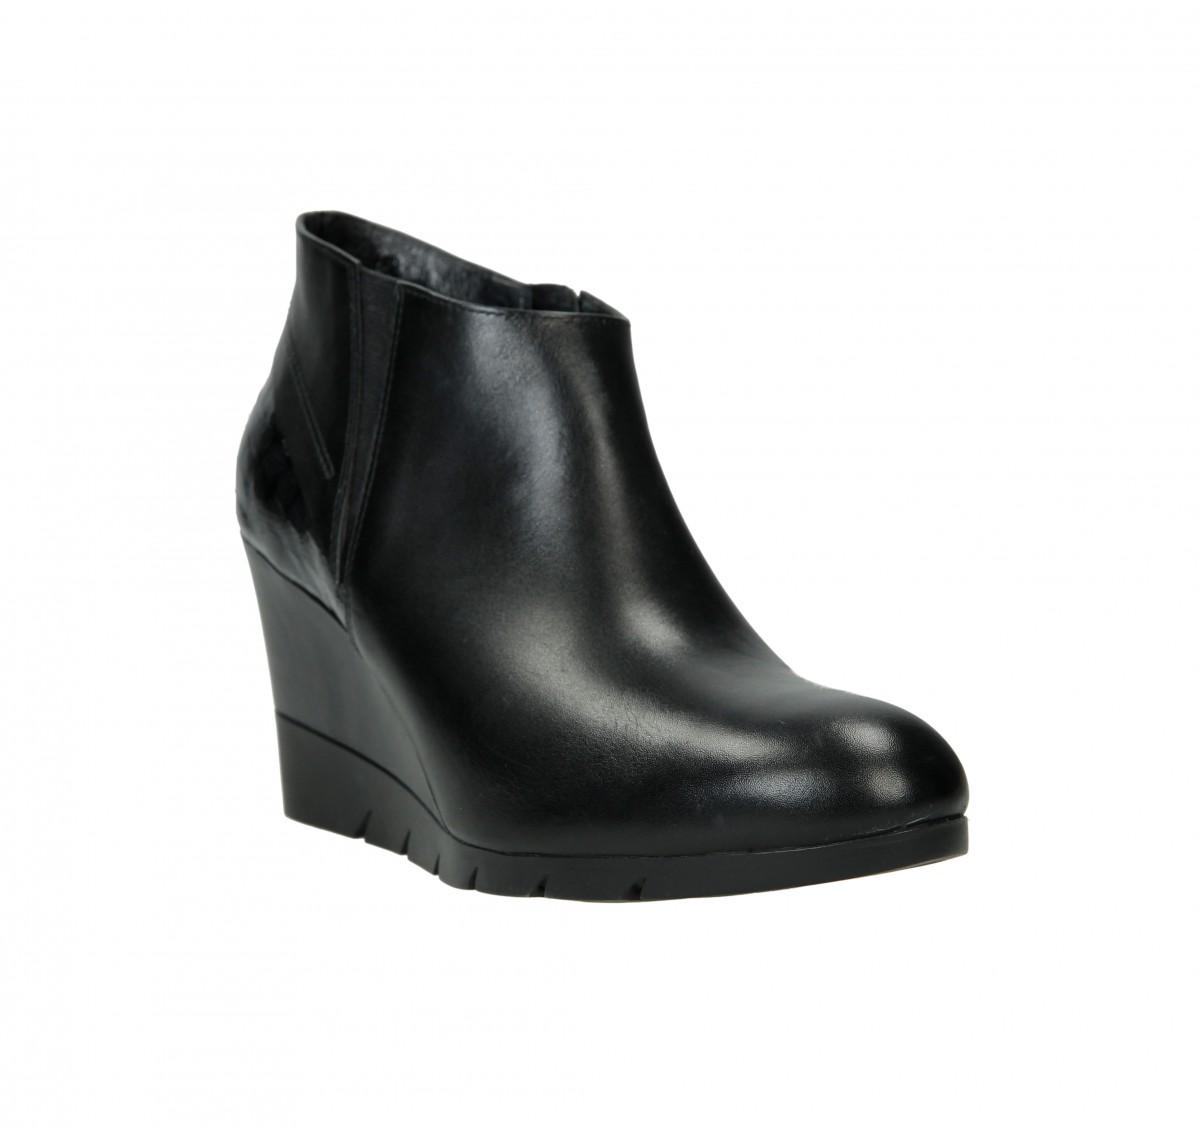 Dámská business obuv značky But s se pohybuje s cenou mezi 1.500 a 2.000 Kč